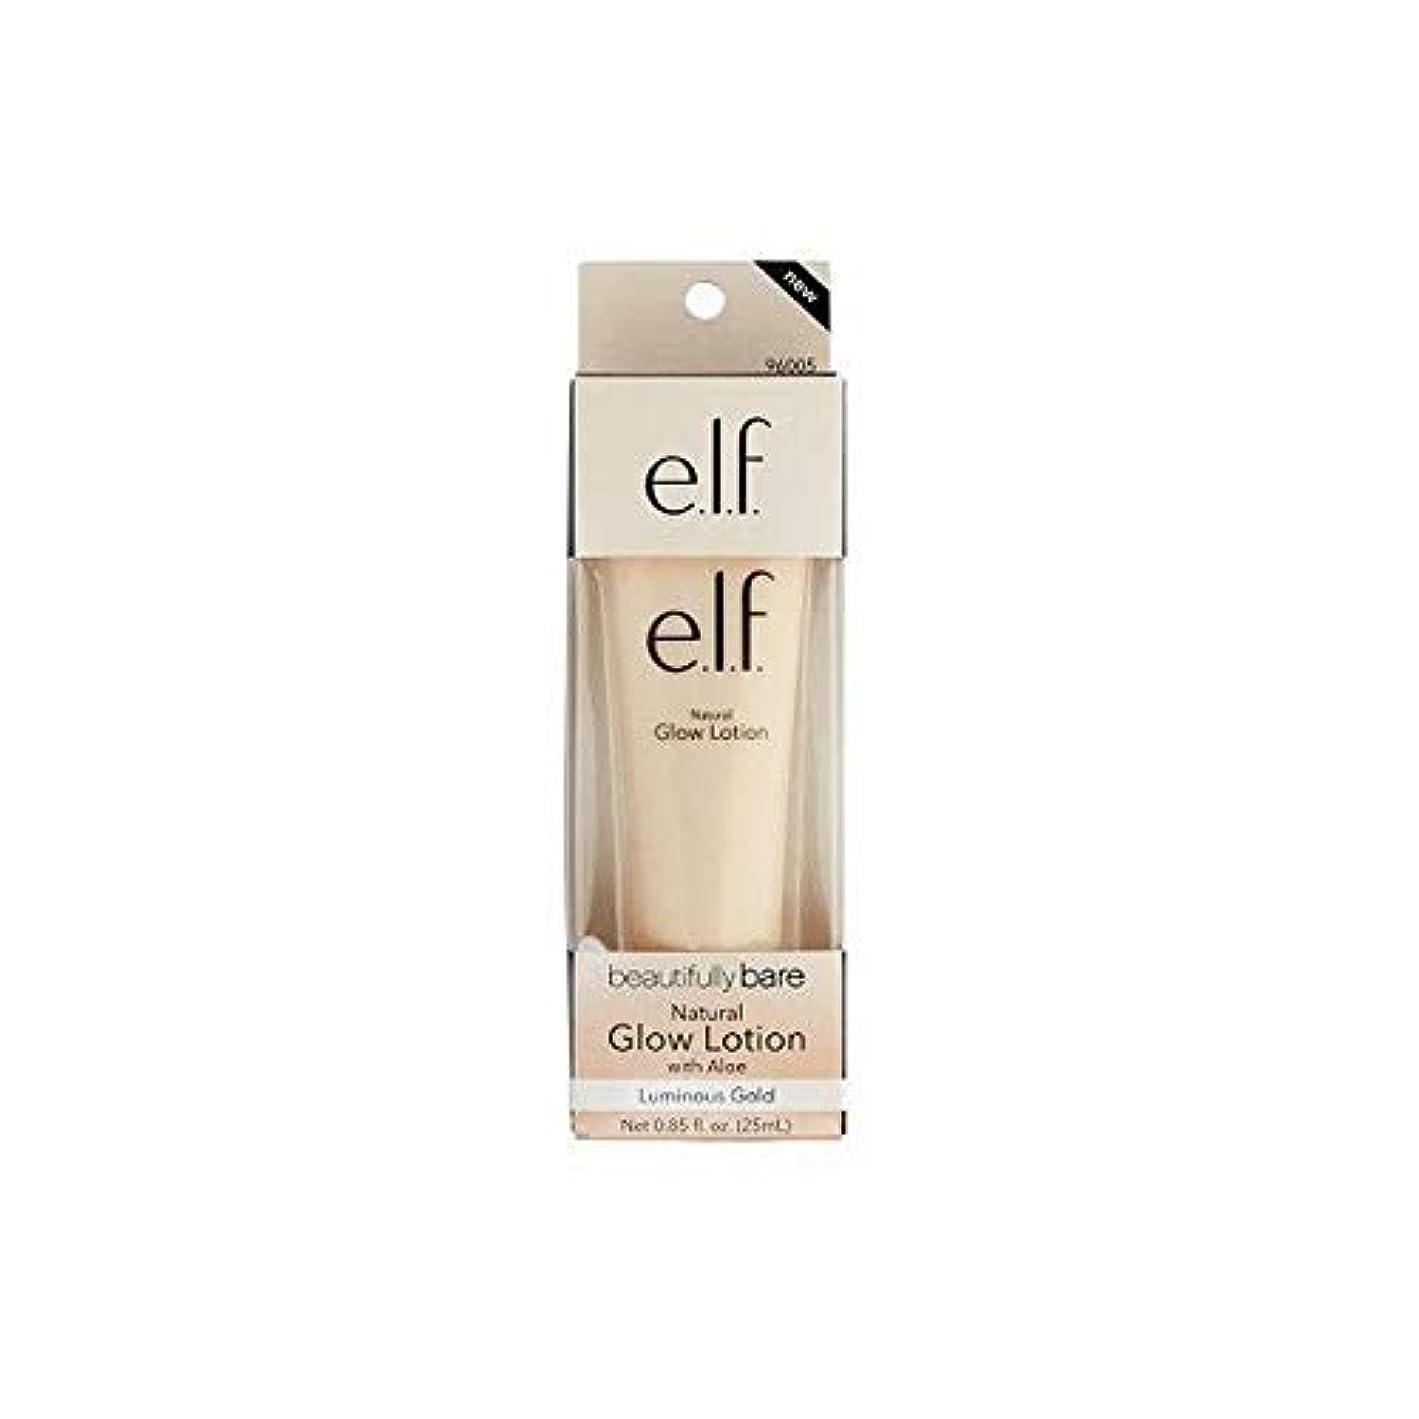 そっと不機嫌そうな挨拶[Elf ] エルフ。美しく裸自然グローローション金 - e.l.f. Beautifully Bare Natural Glow Lotion gold [並行輸入品]